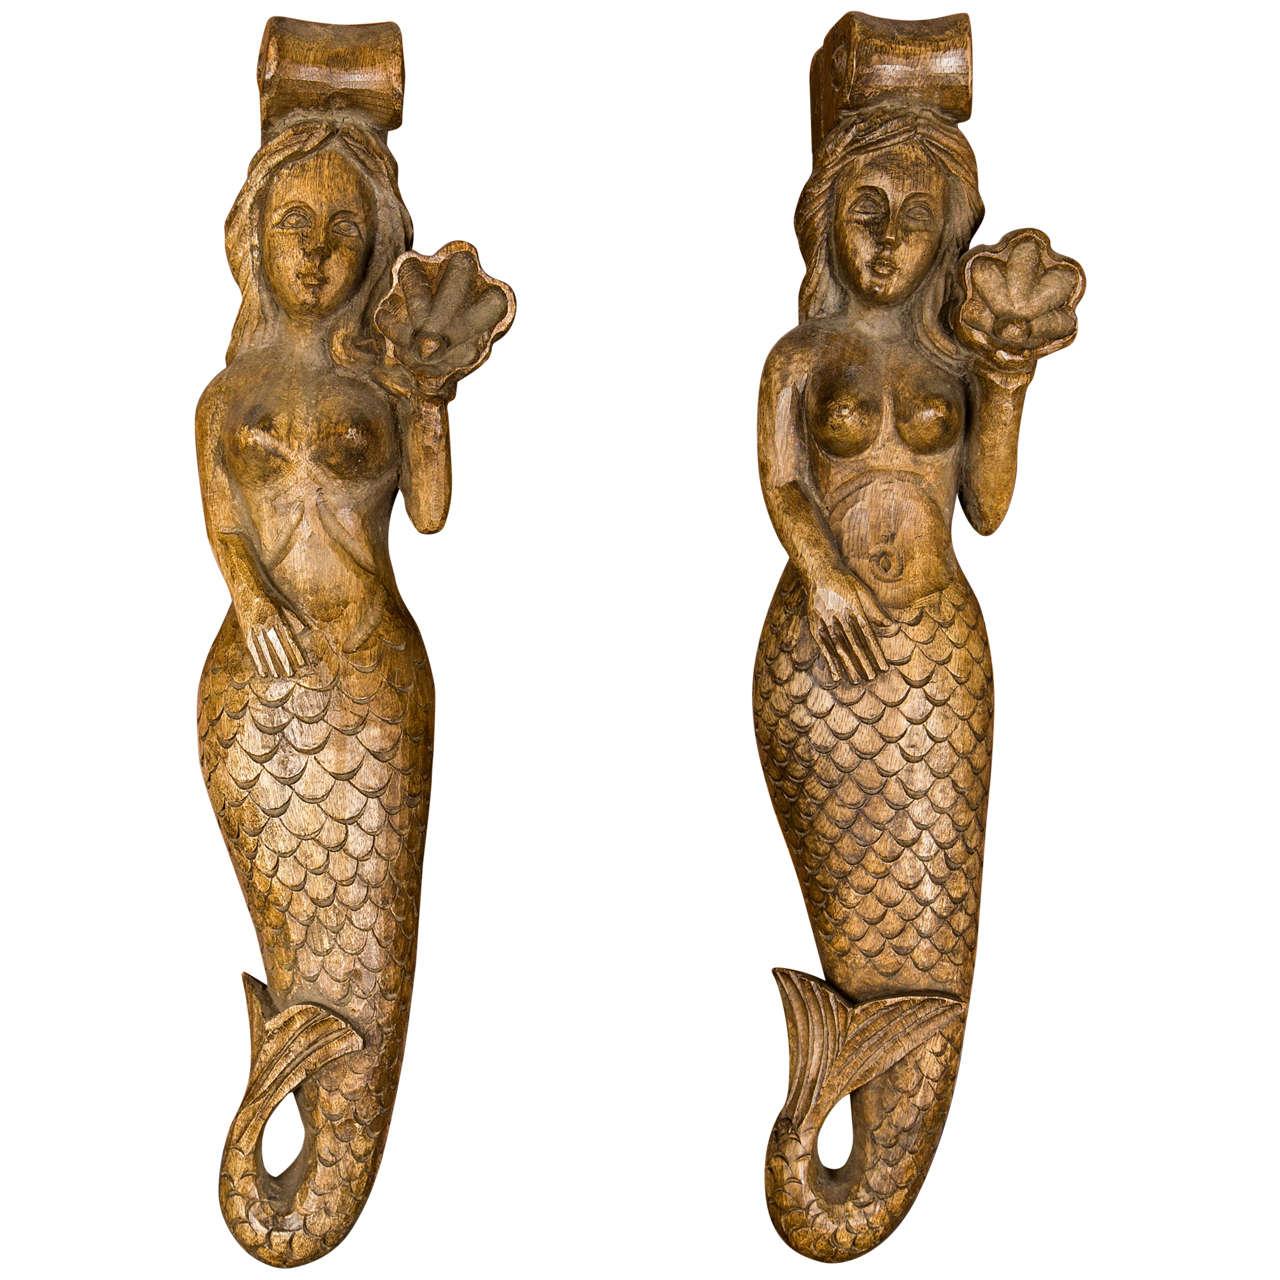 Circa 1900 Pair Of Carved Wood Mermaid Sconces At 1stdibs